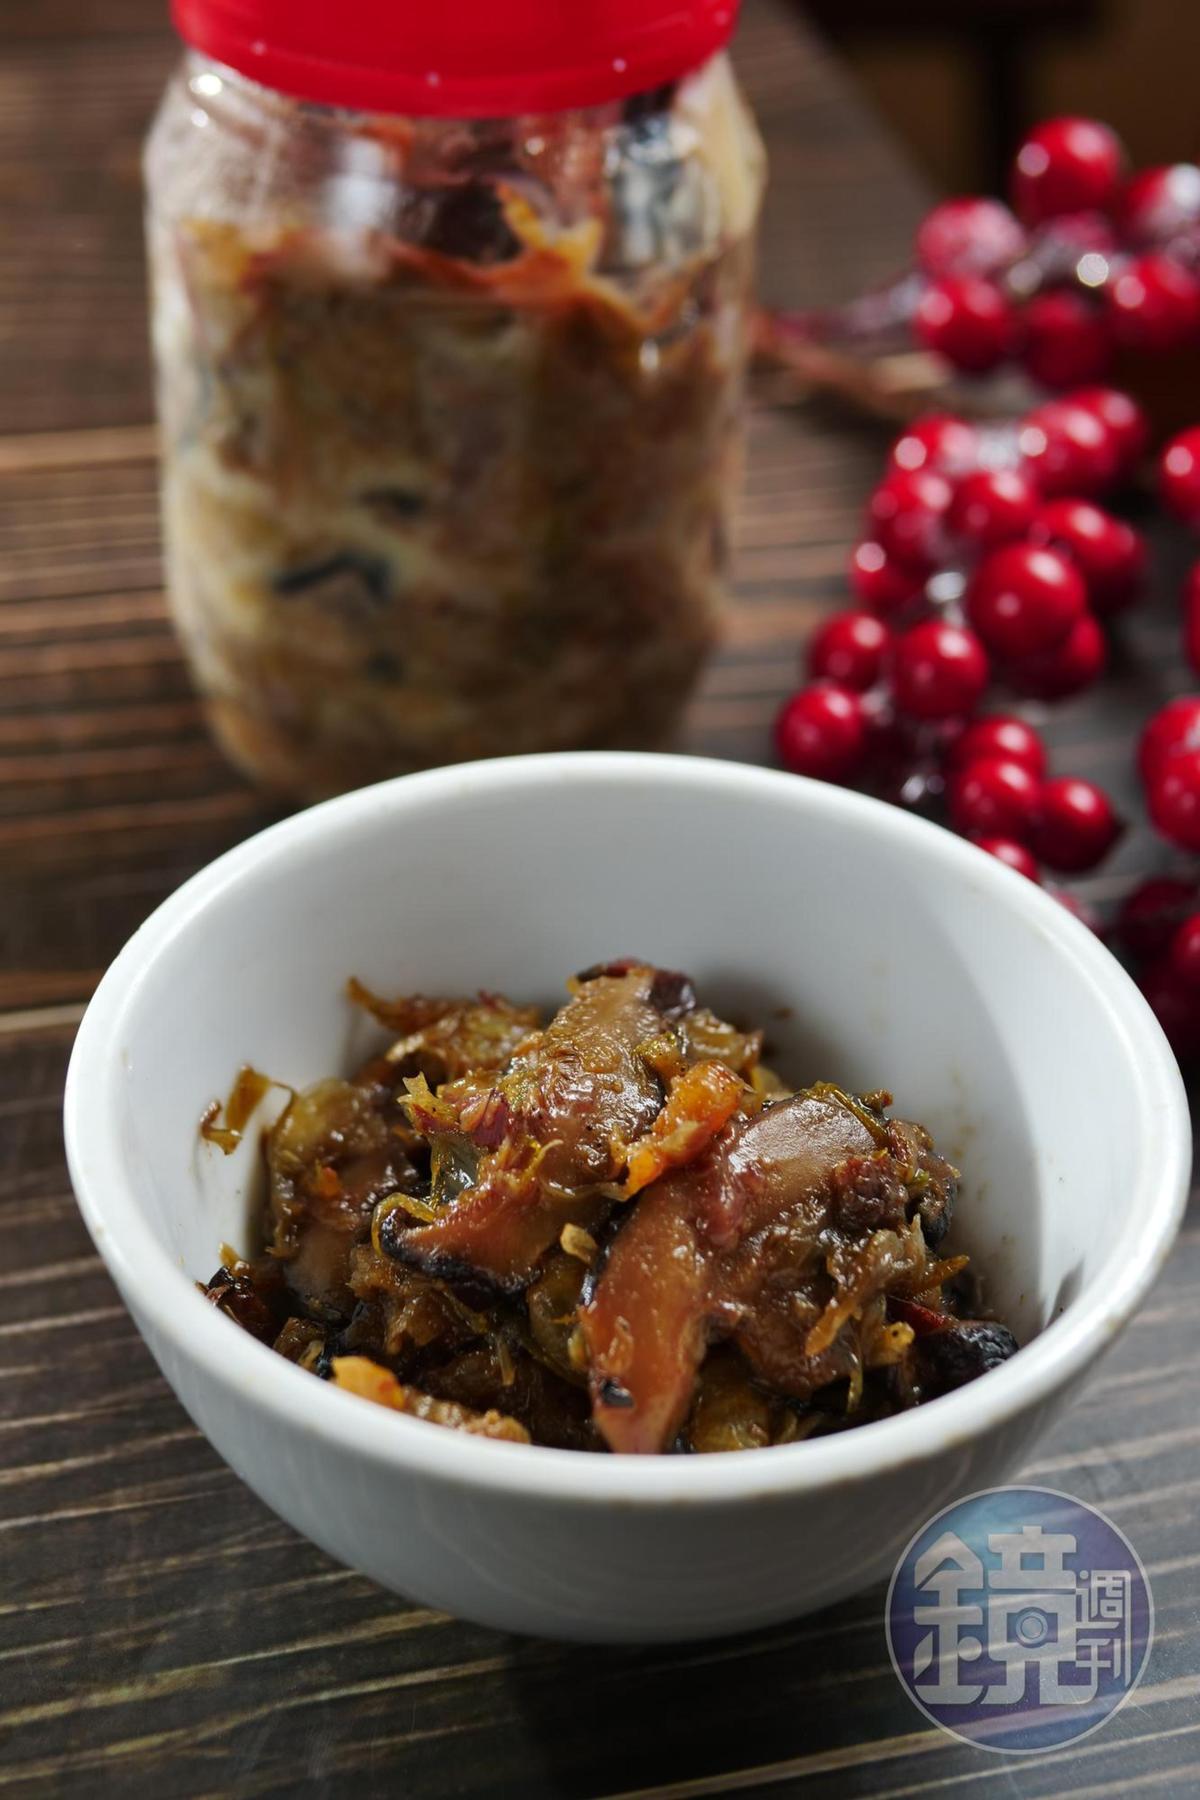 店家自製「古早味鄉蔥蝦菇醬」是客家鹹湯圓底料,也可以買回家炒米粉、加湯麵,一小匙就滿溢親切的台味。(350元/罐)